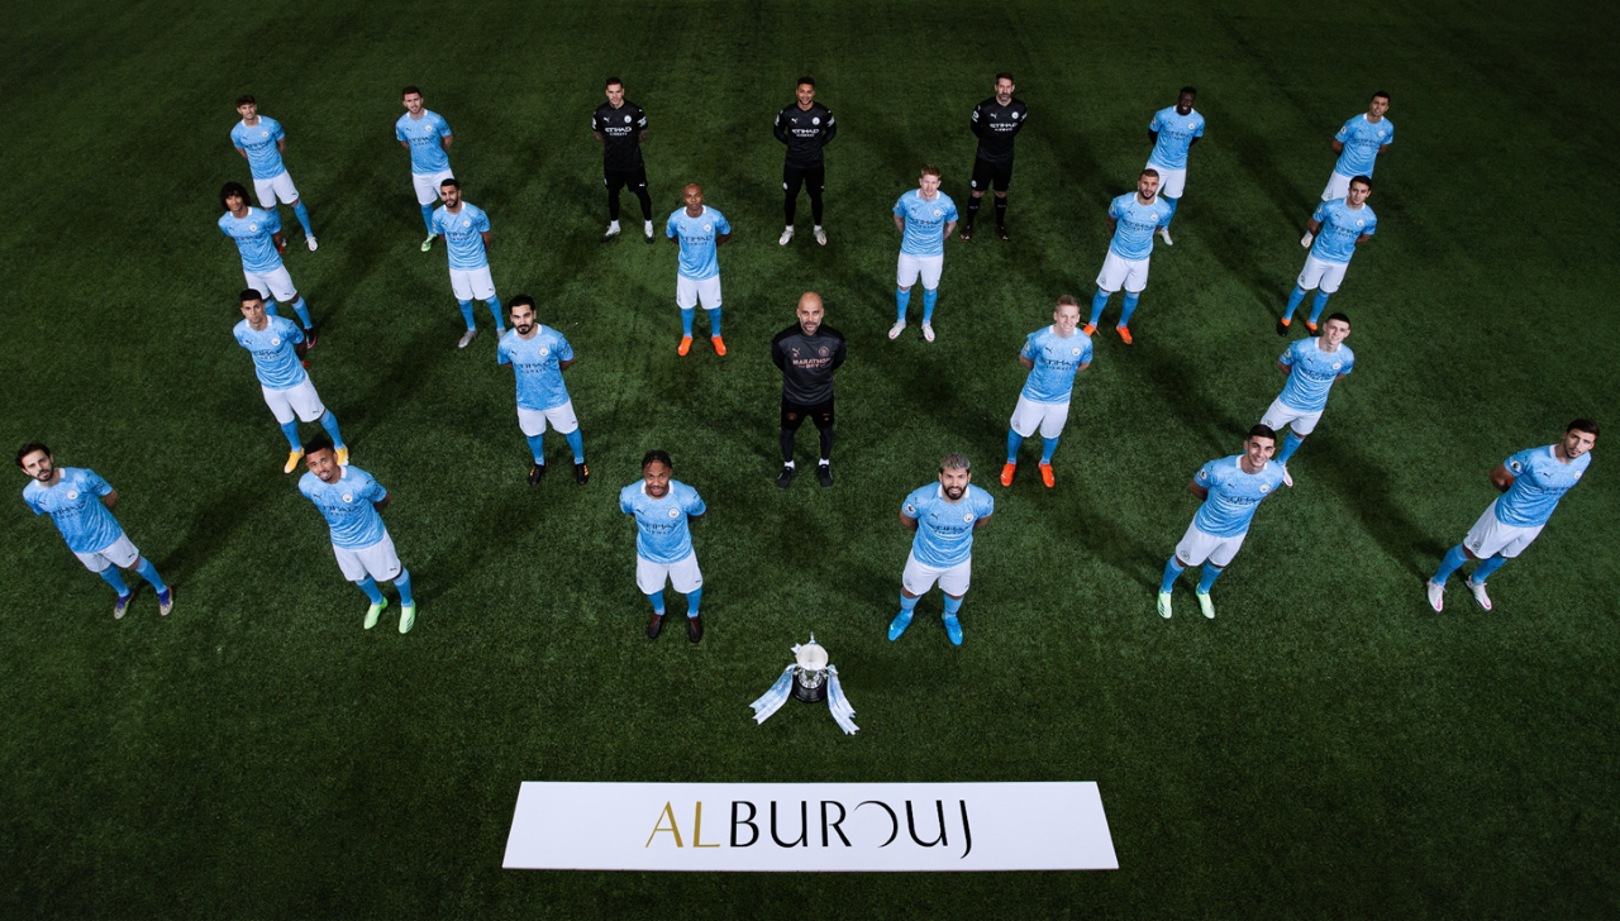 مانشستر سيتي وإمكان مصر يطلقان أول مدرسة كرة قدم للسيتي في مصر